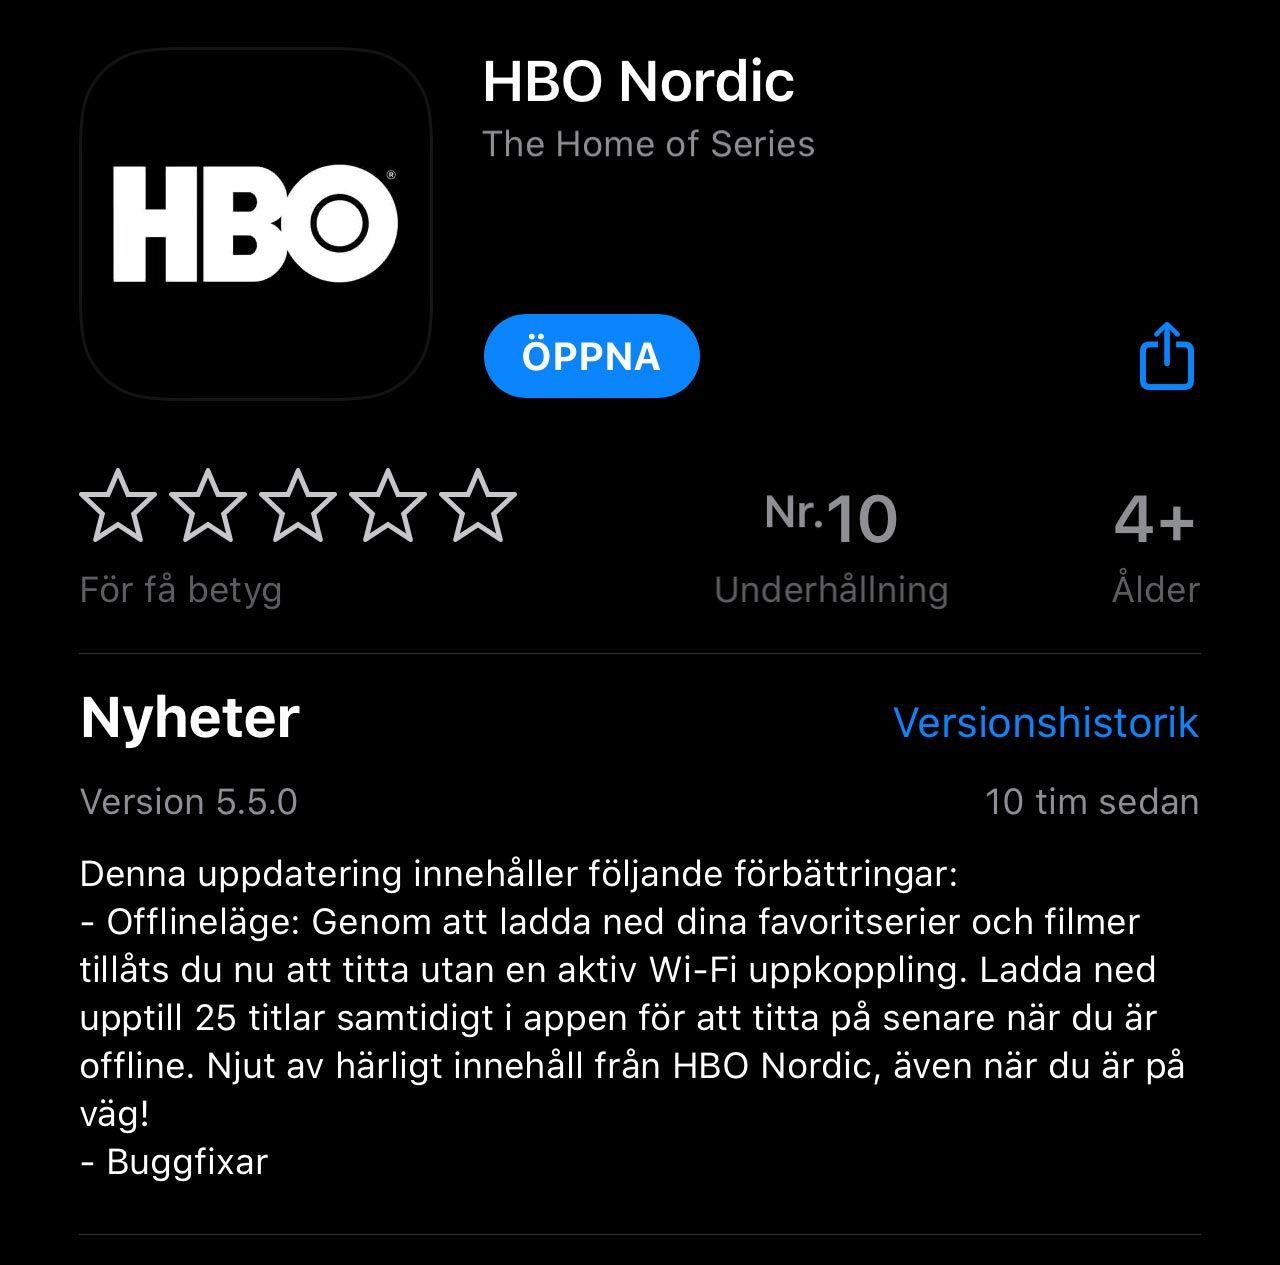 HBO Nordic tillåter äntligen nerladdning! Ha 25 titlar